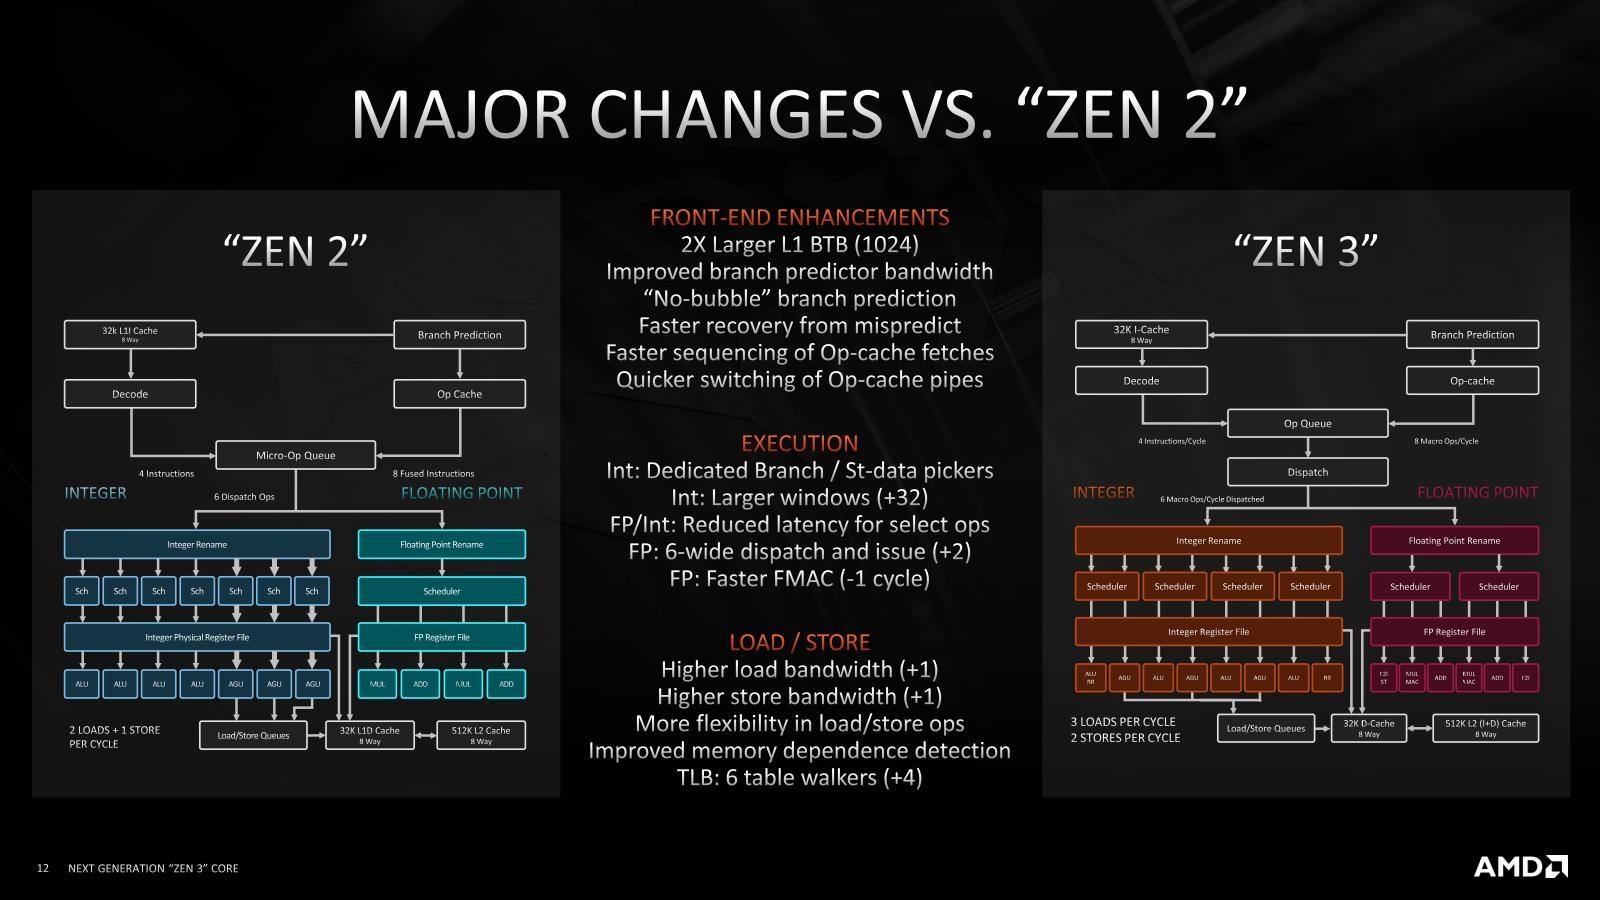 図4●Zen 2コアとZen 3コアを比較 この図では、実行ユニット数が整数演算で1つ、浮動小数点演算で2つ増えただけだが、描かれていない改良も多い。また「Op Cache」の高速化に加えて、容量も増えた。(出所:AMD)